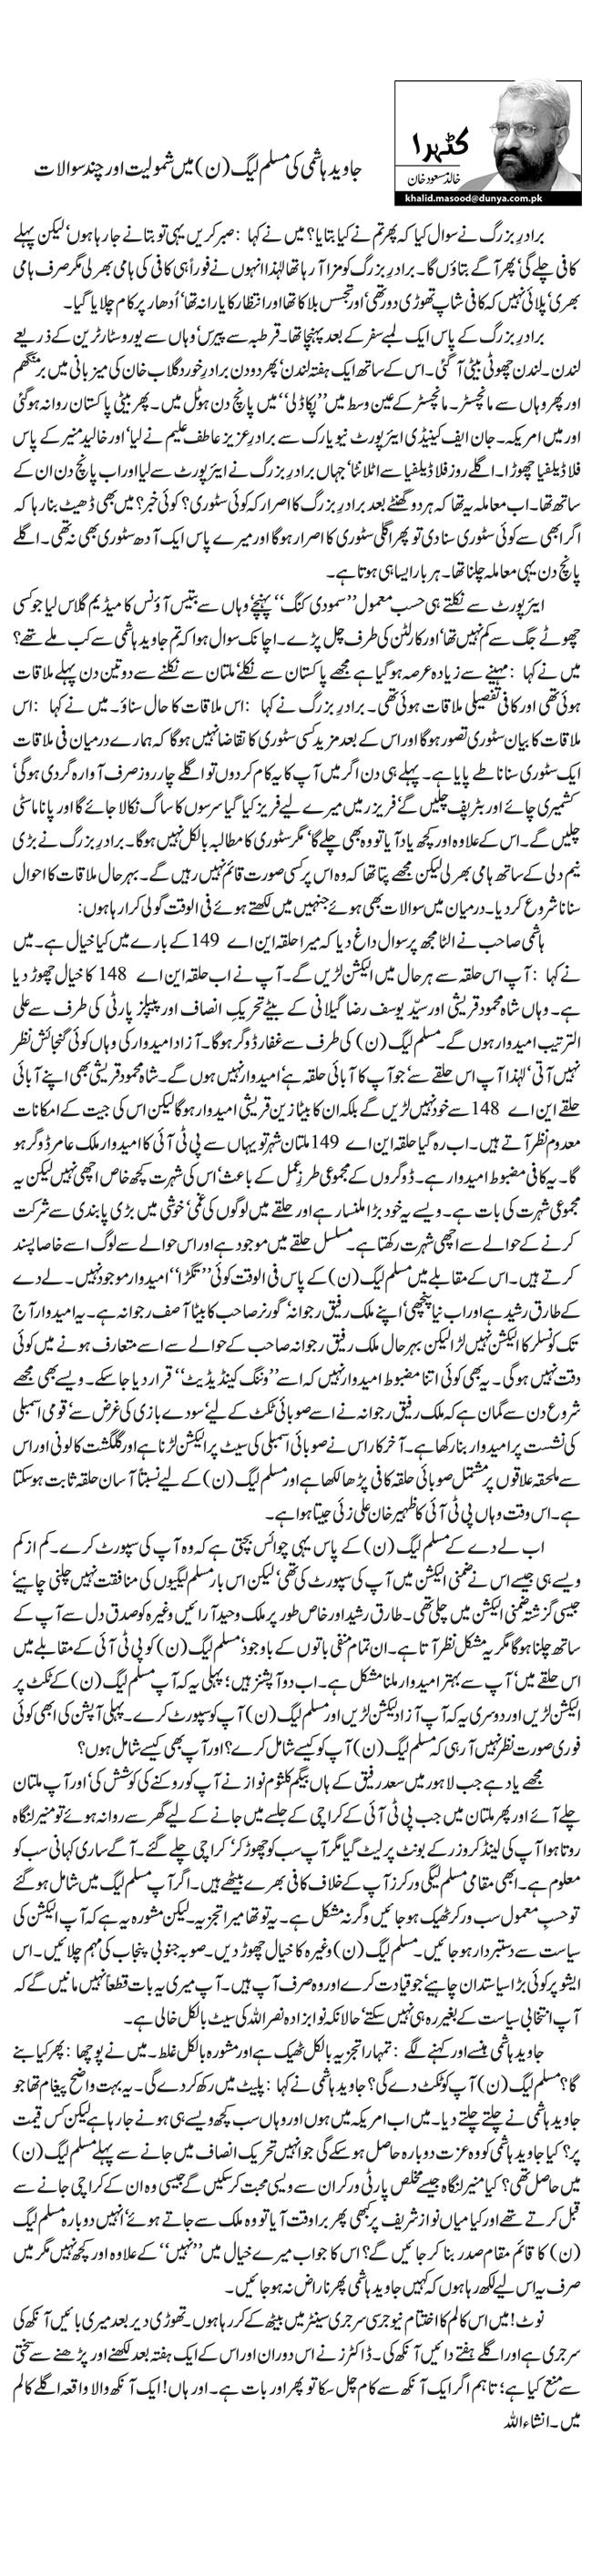 جاوید ہاشمی کی مسلم لیگ (ن) میں شمولیت اور چند سوالات